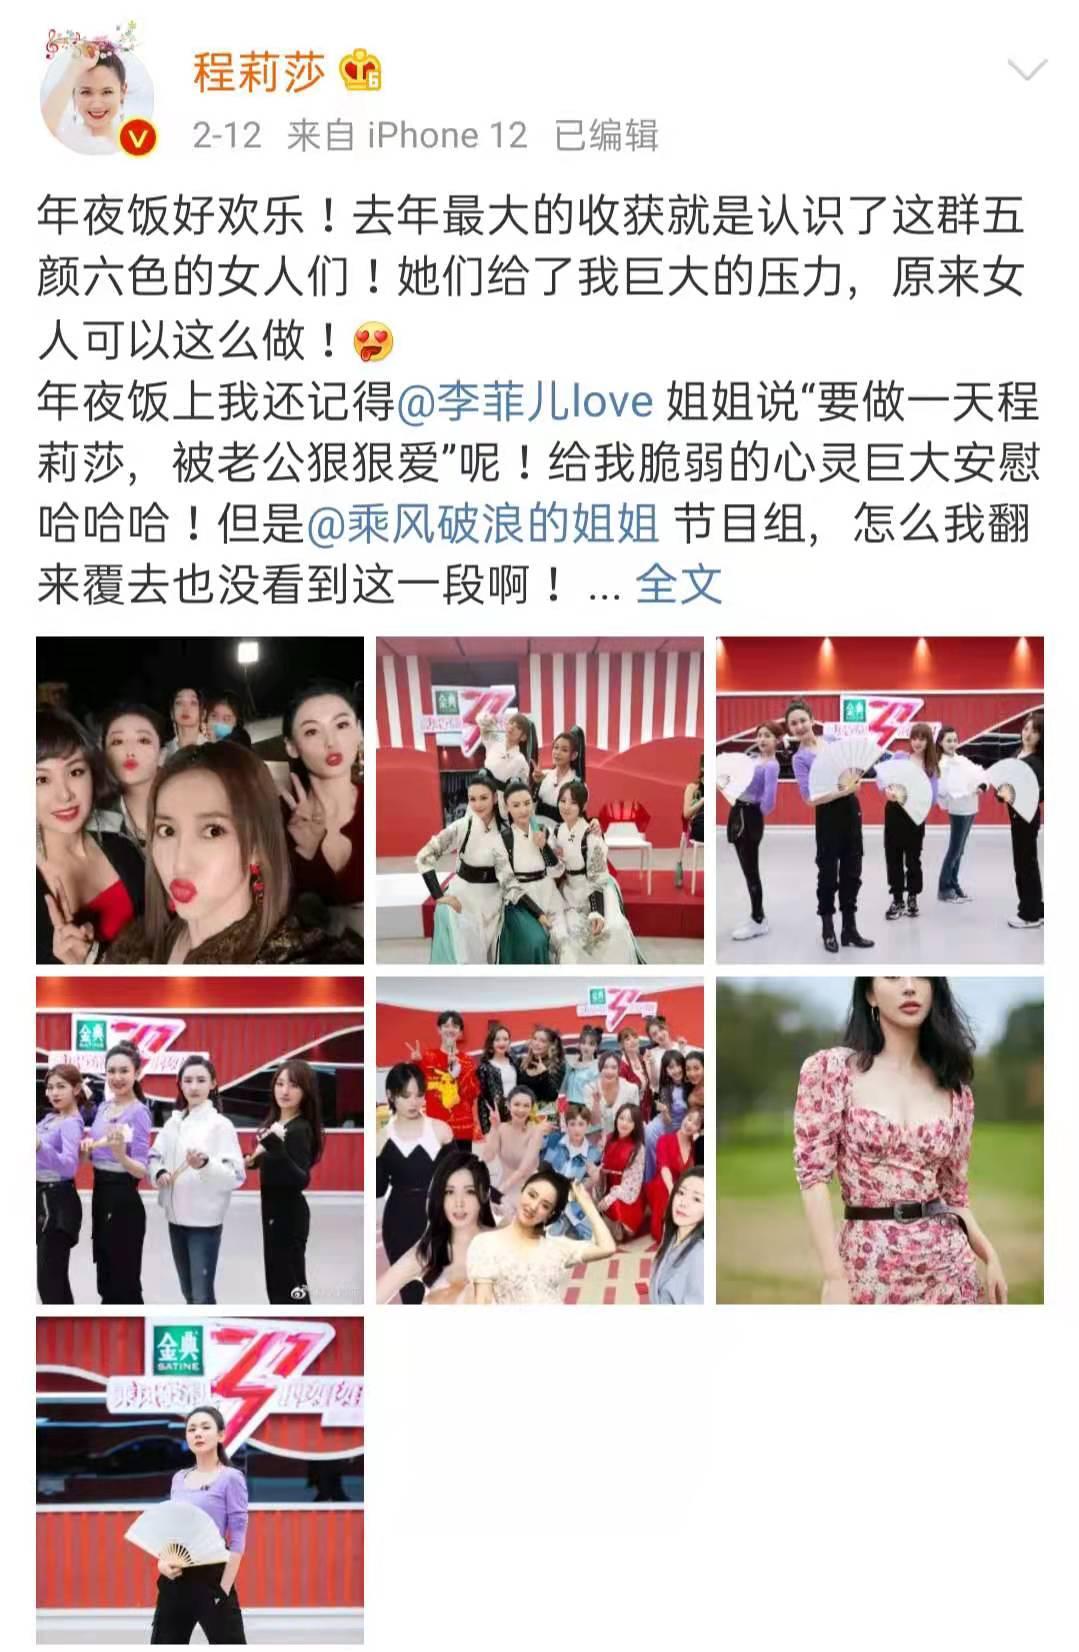 《浪姐2》美颜开过头,张柏芝陈妍希五官变形,不如本色出镜好看